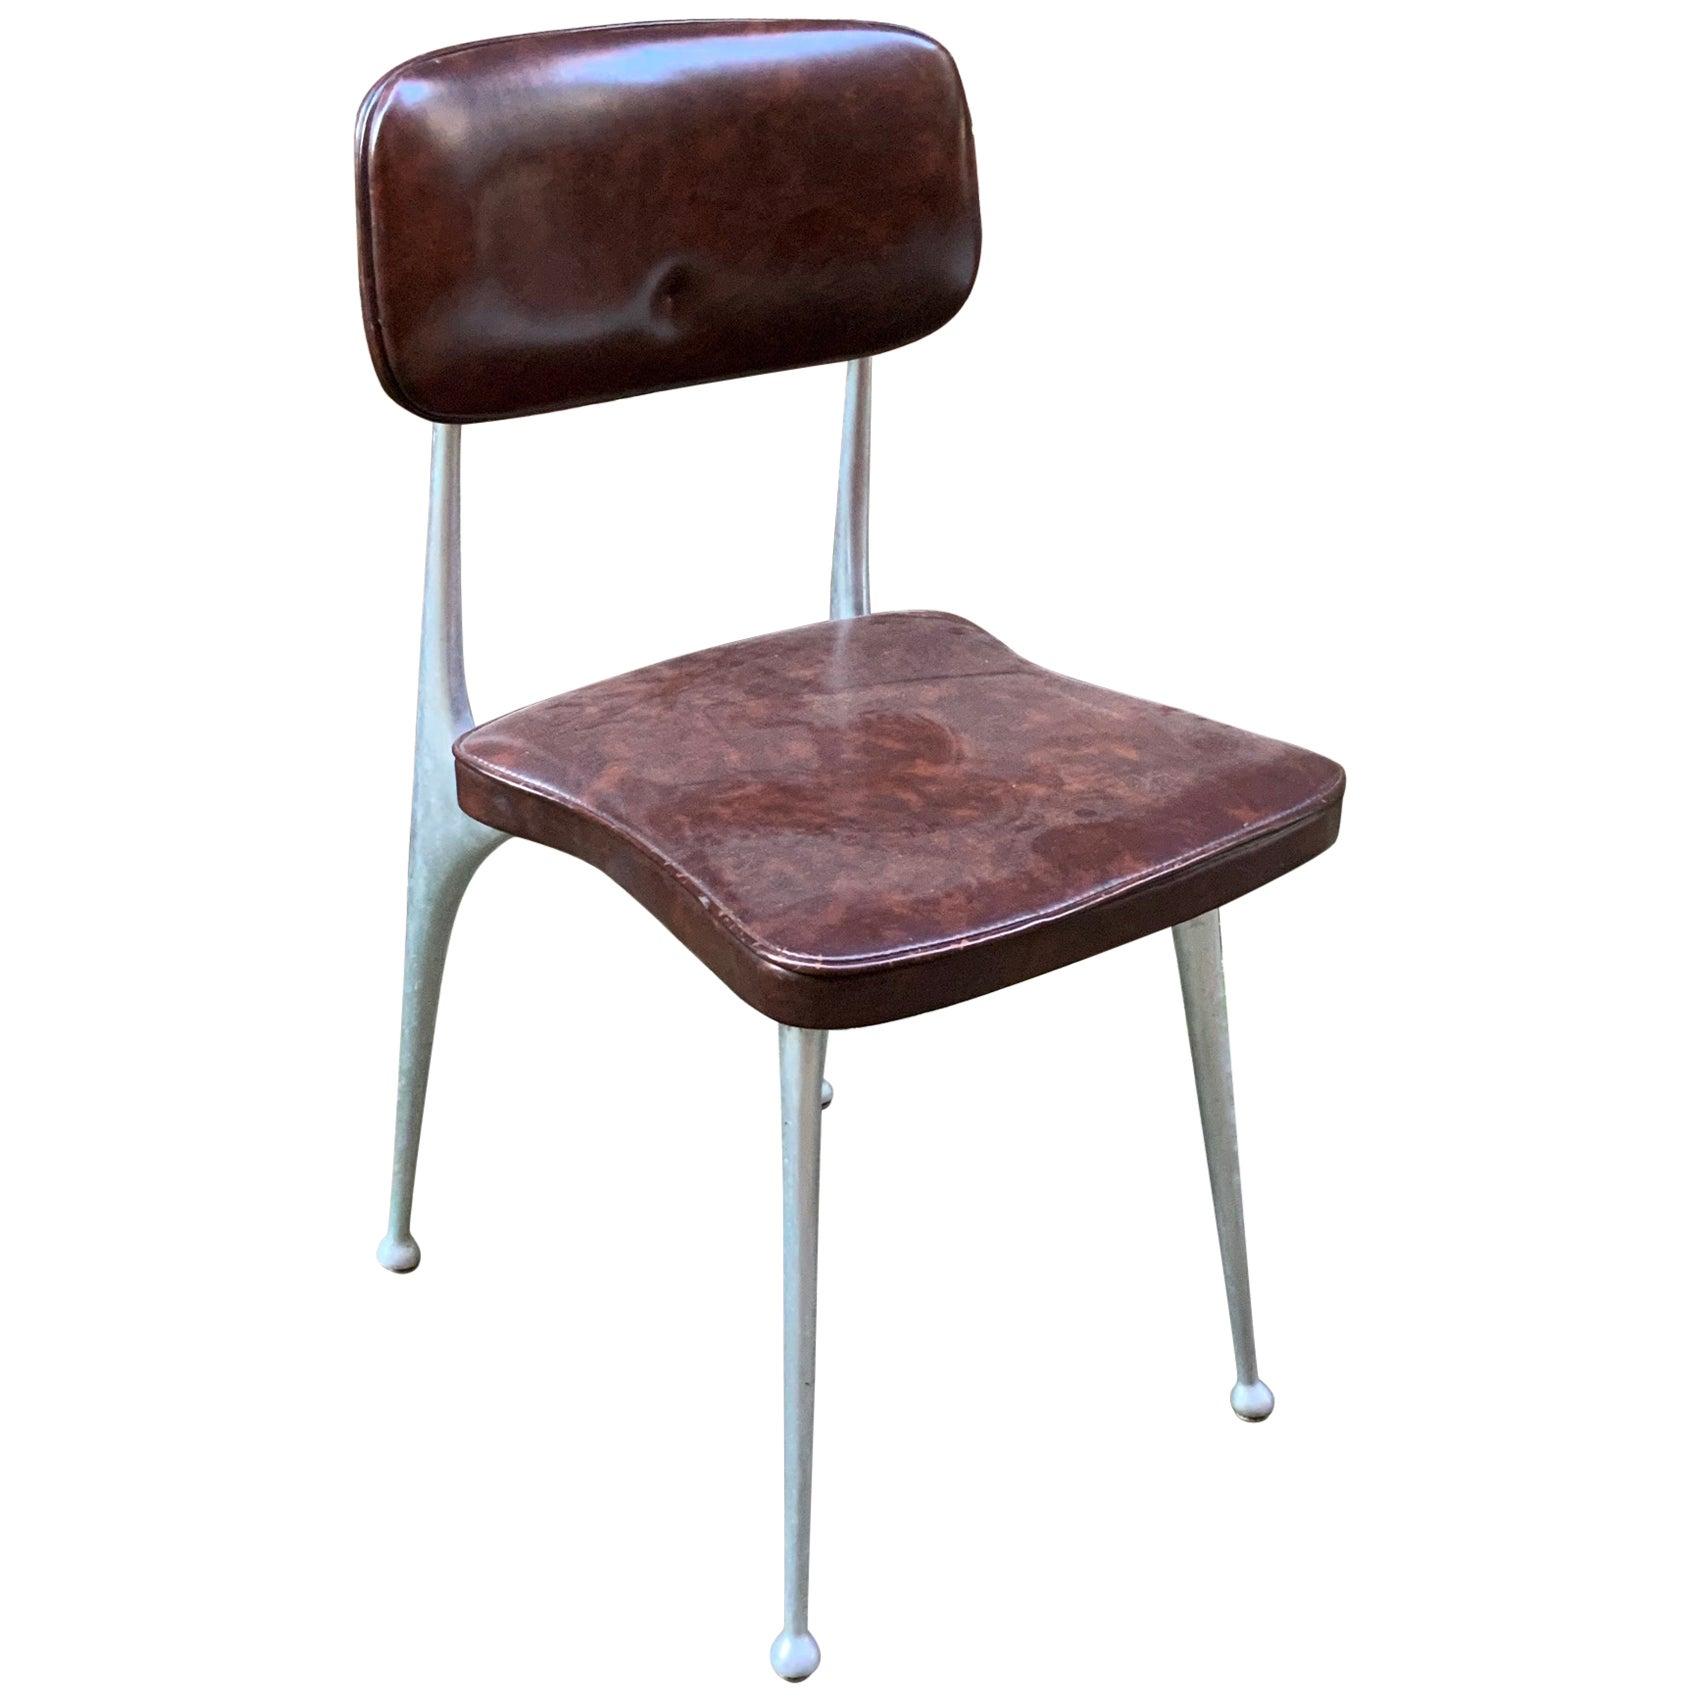 Shelby Williams Cast Aluminum Gazelle Chair